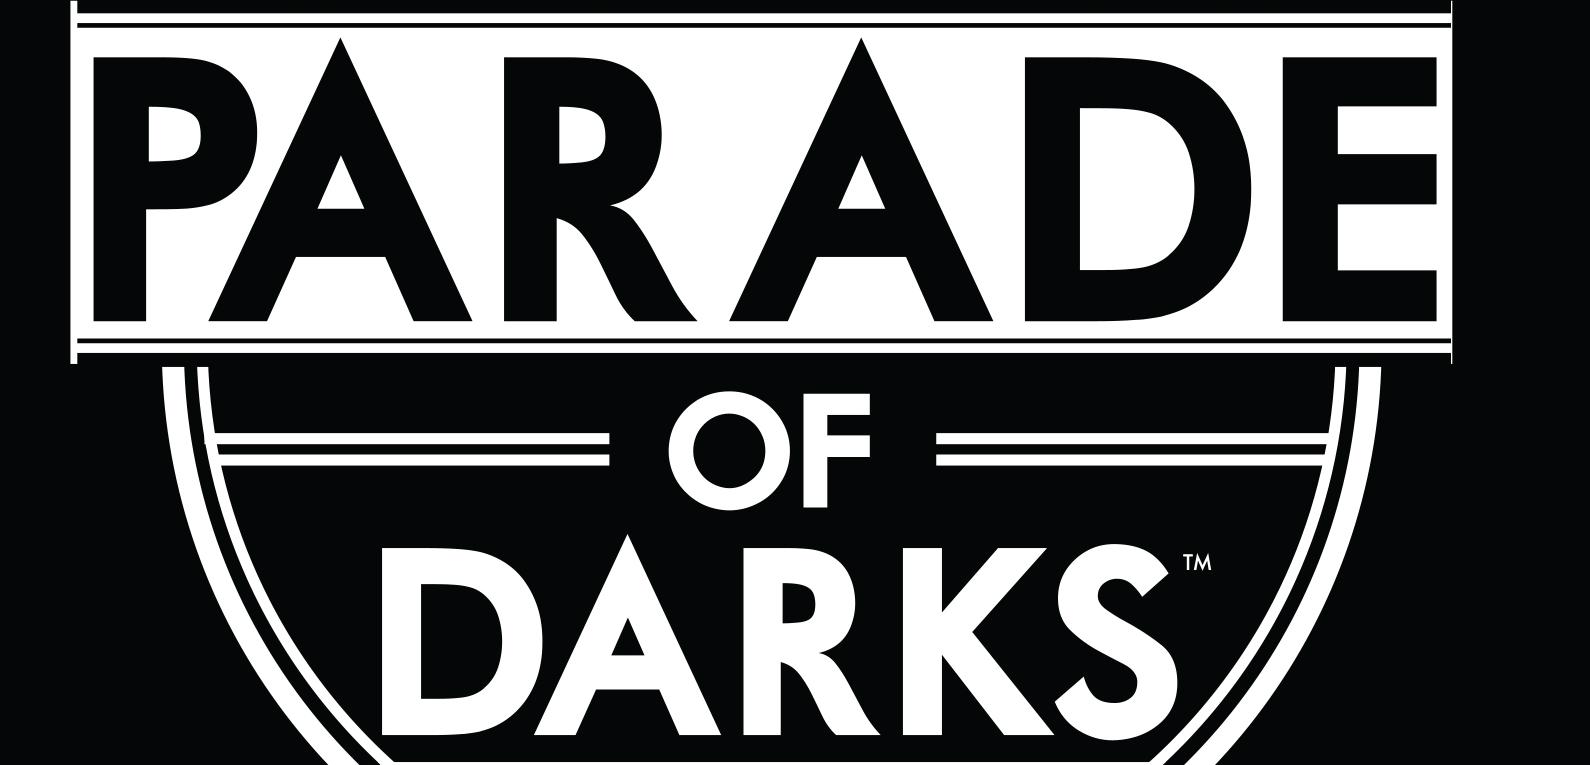 Parade of Darks 2016